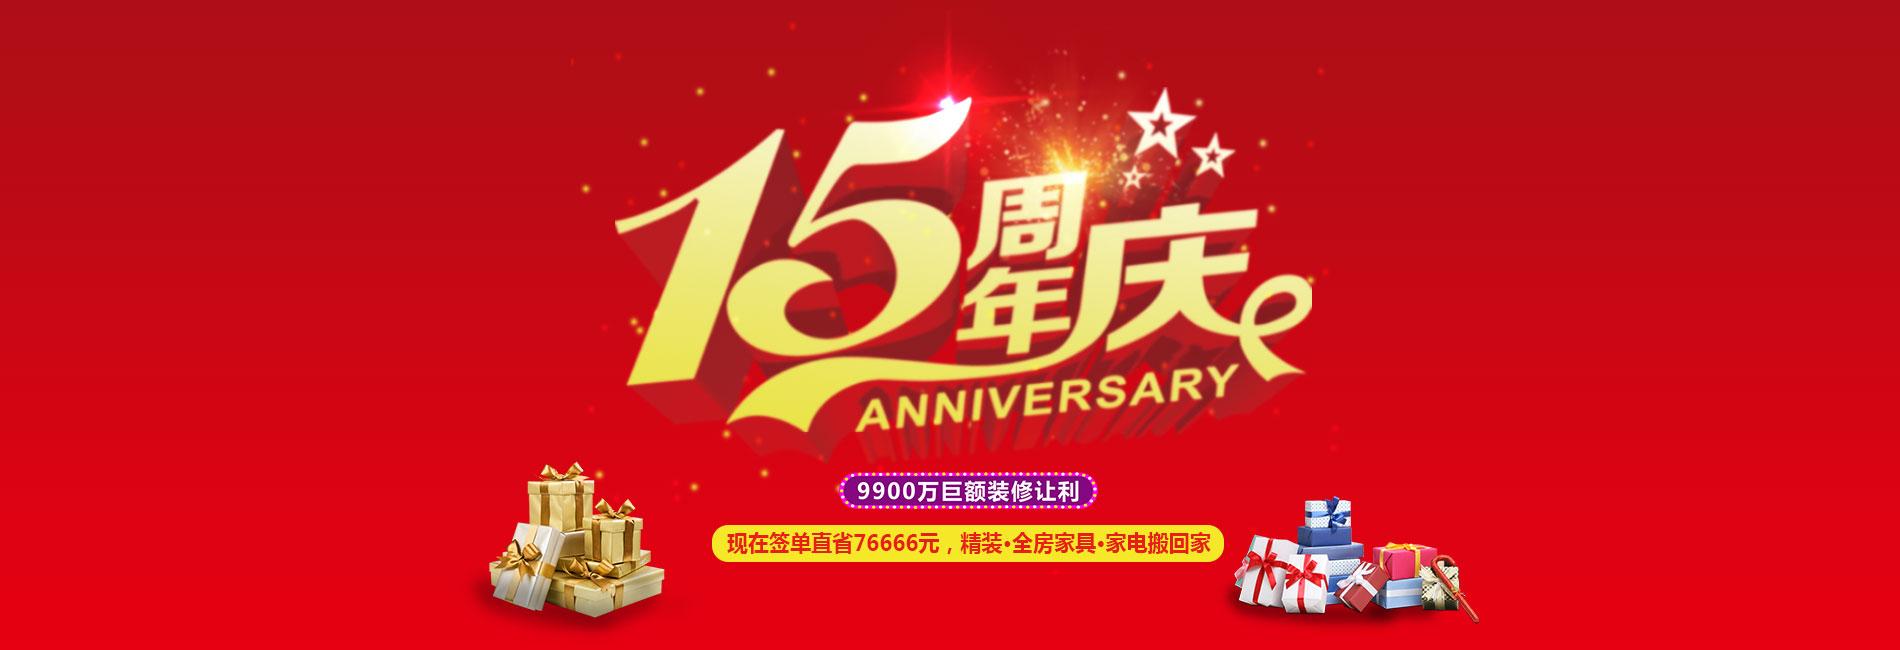 龙记万家装饰15周年店庆,9900万巨额装修让利!